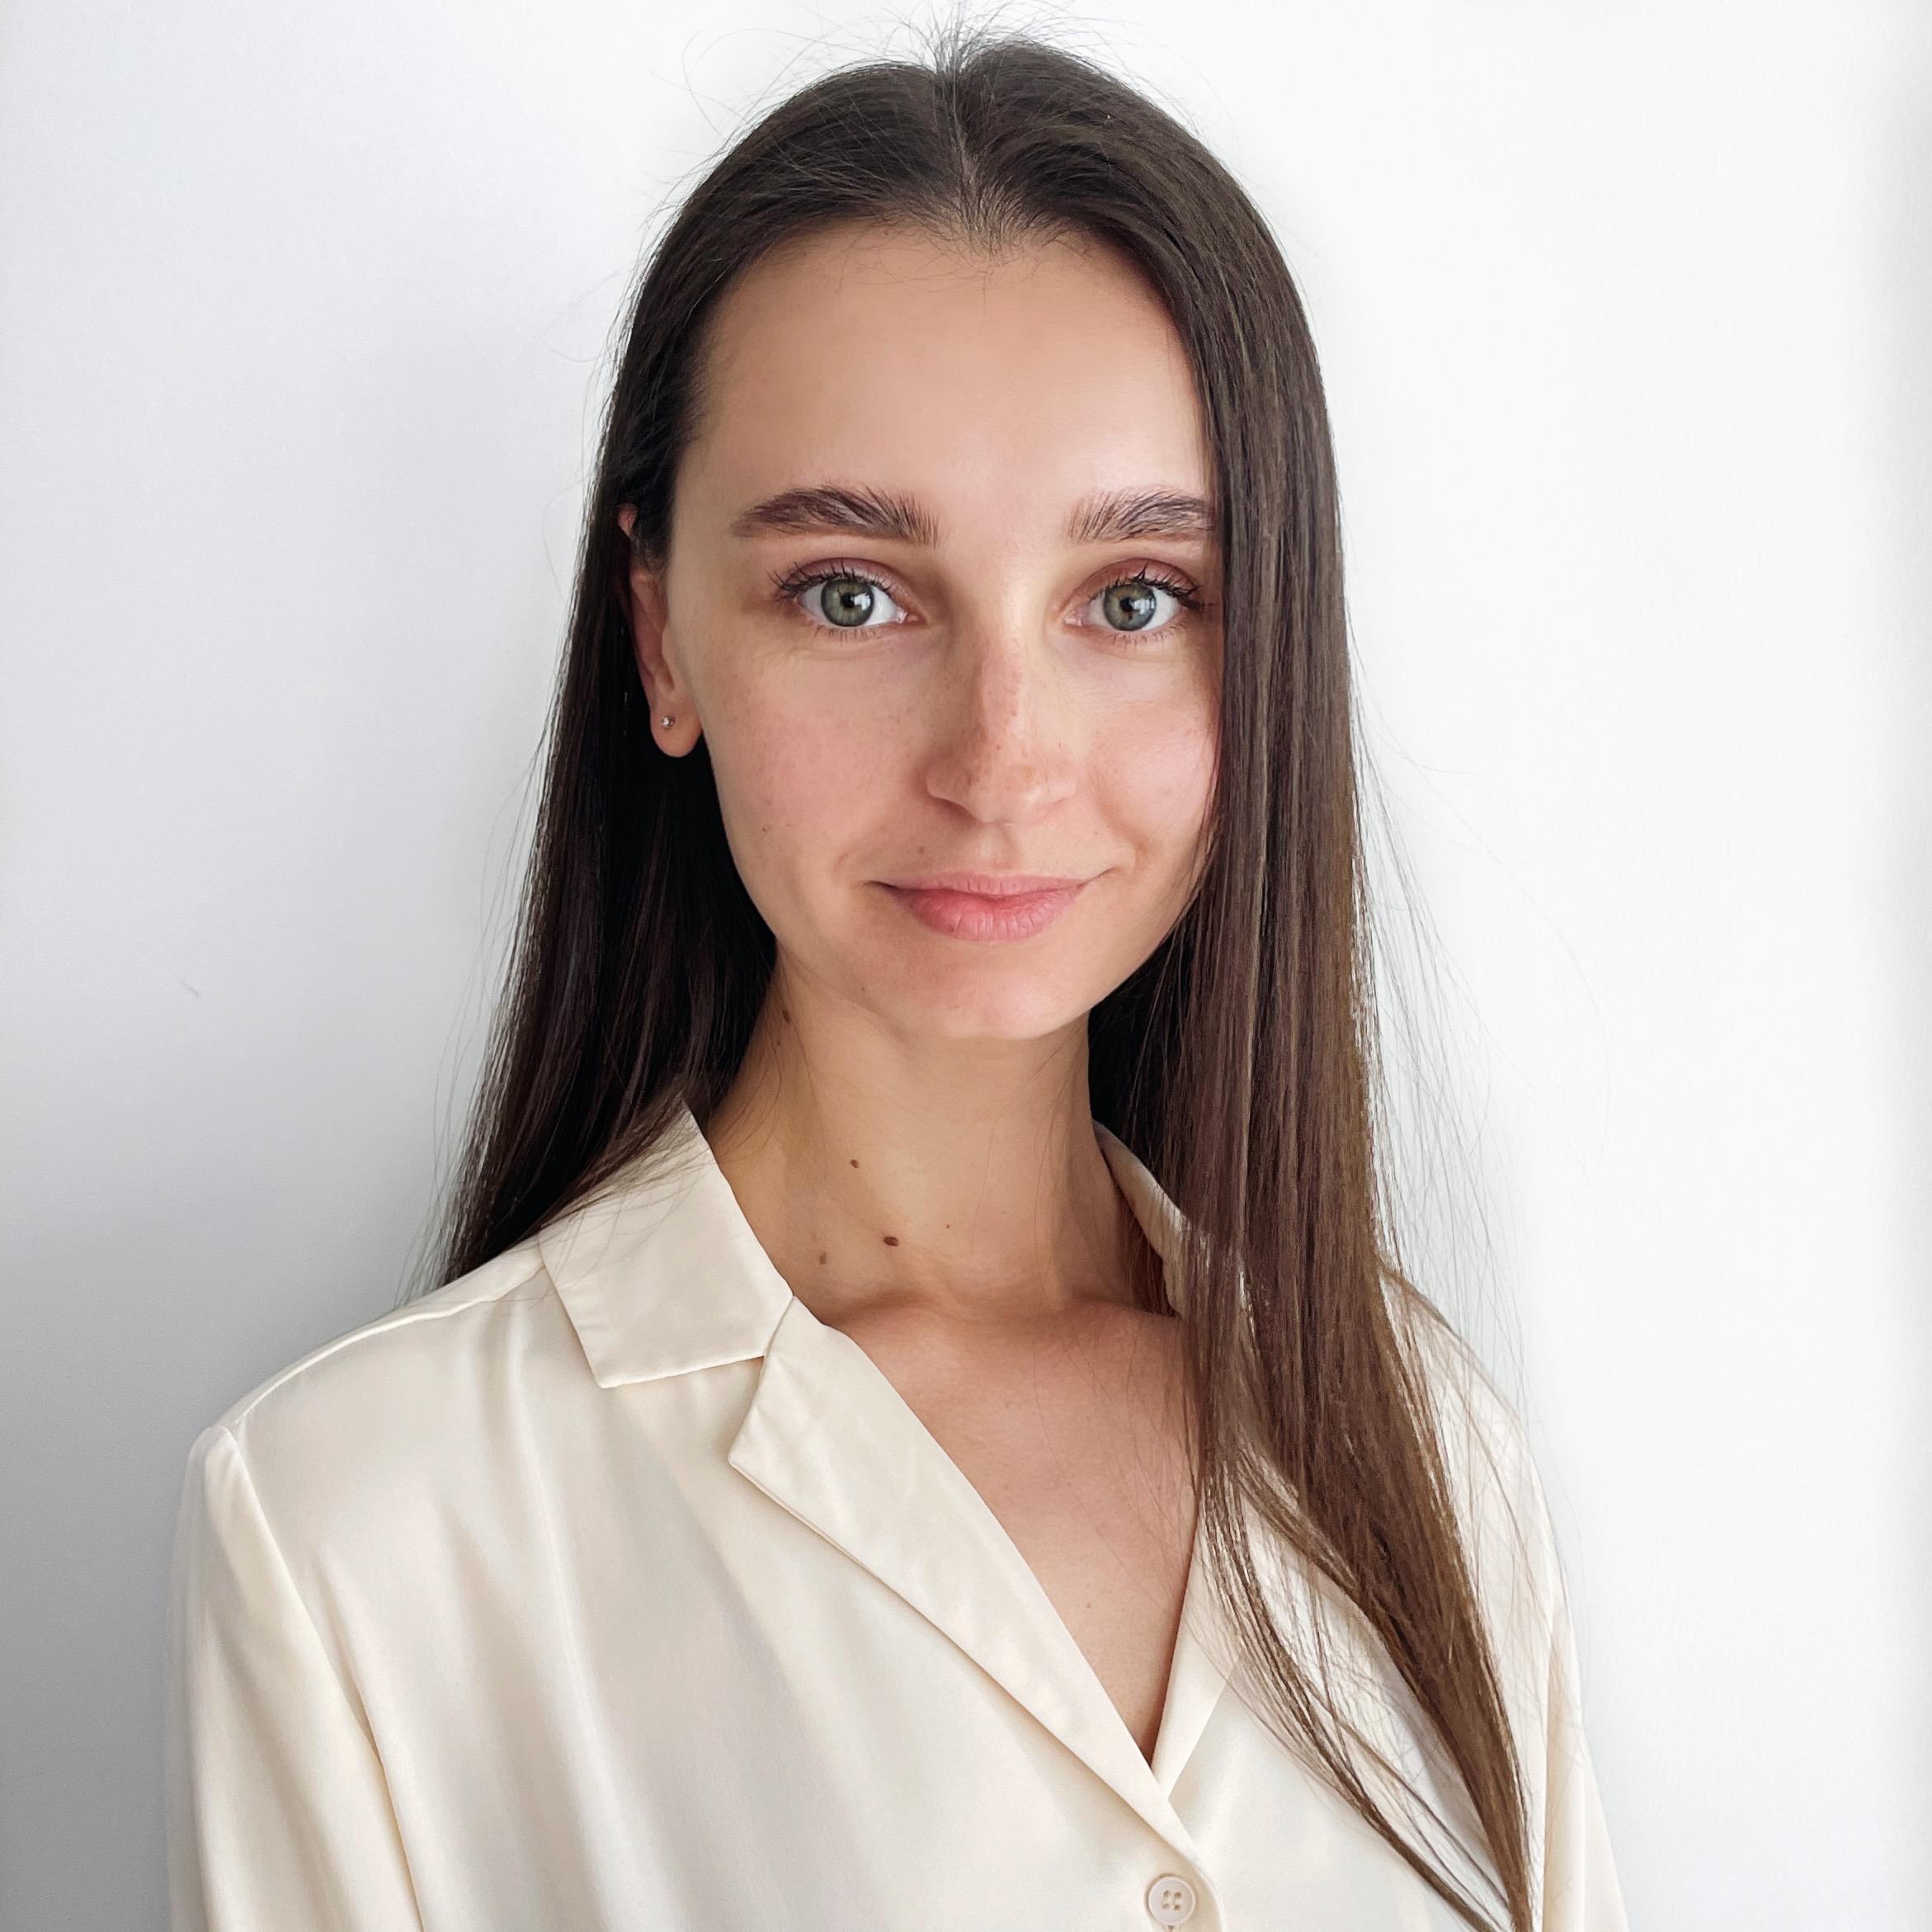 Yana Timokhova